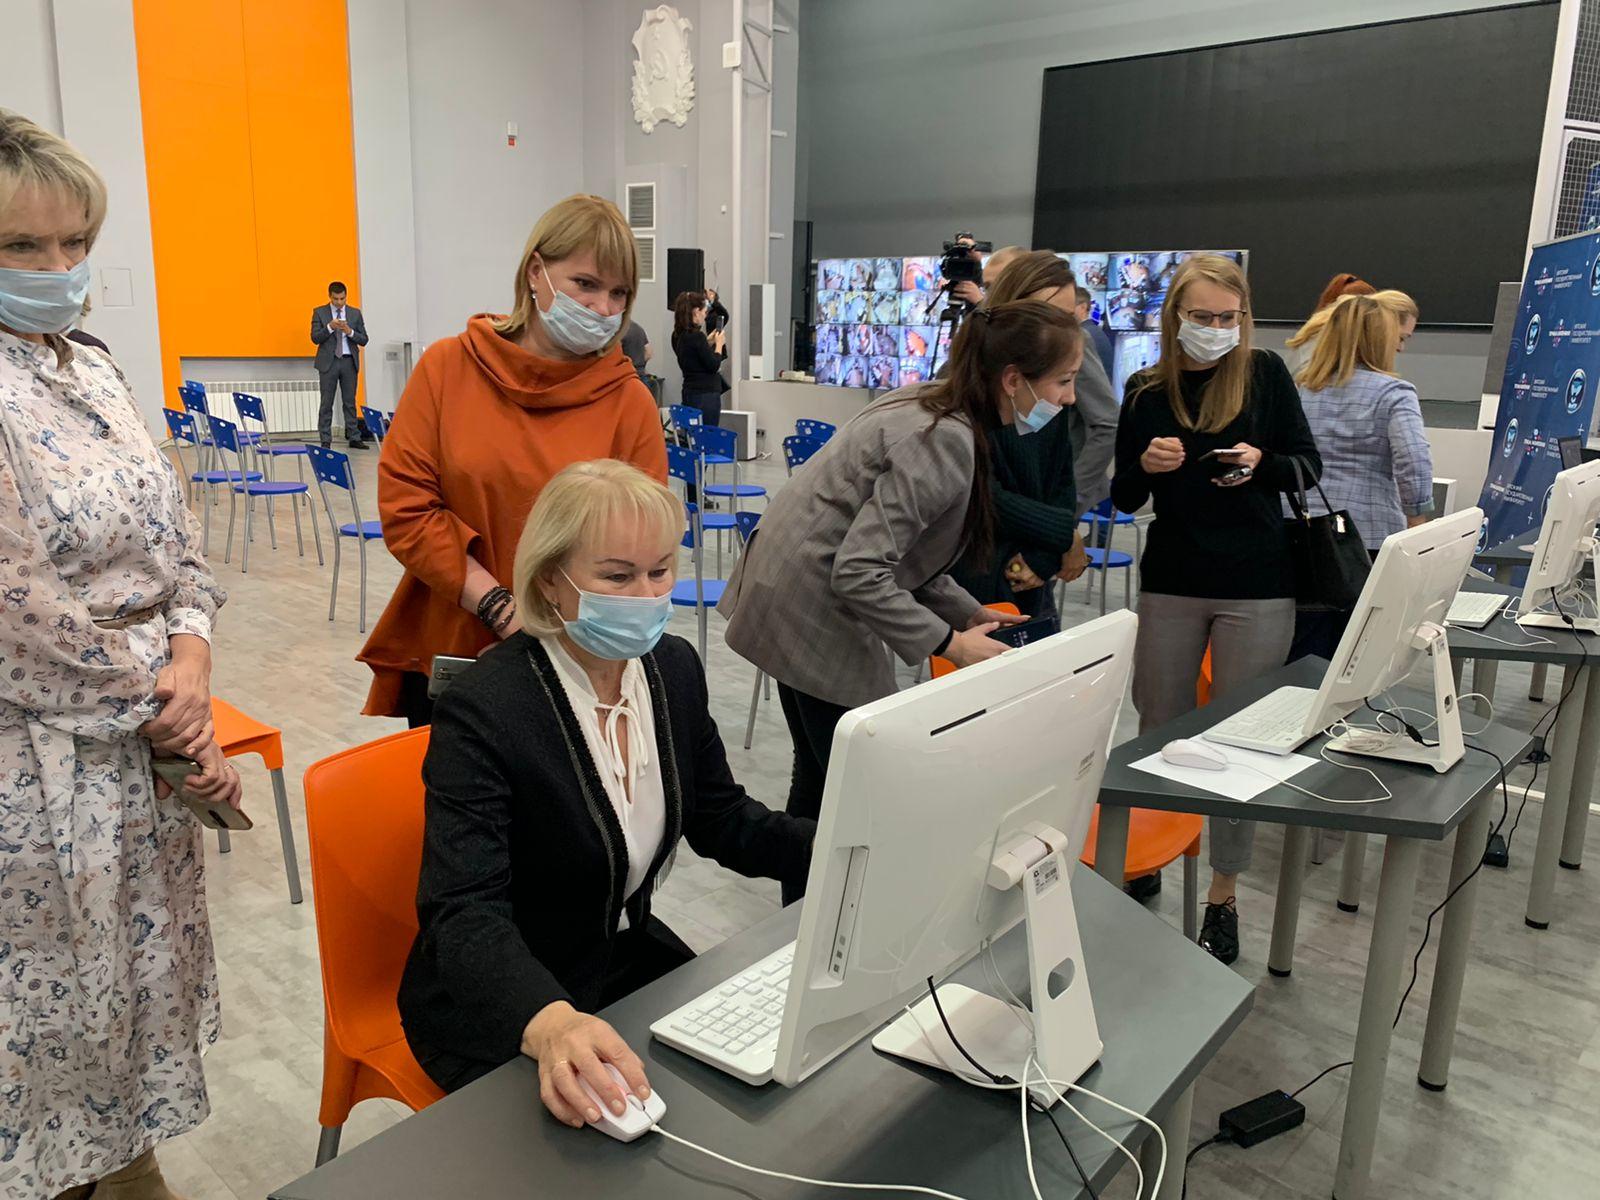 В Кирове работает Центр общественного наблюдения. Чем он занимается?